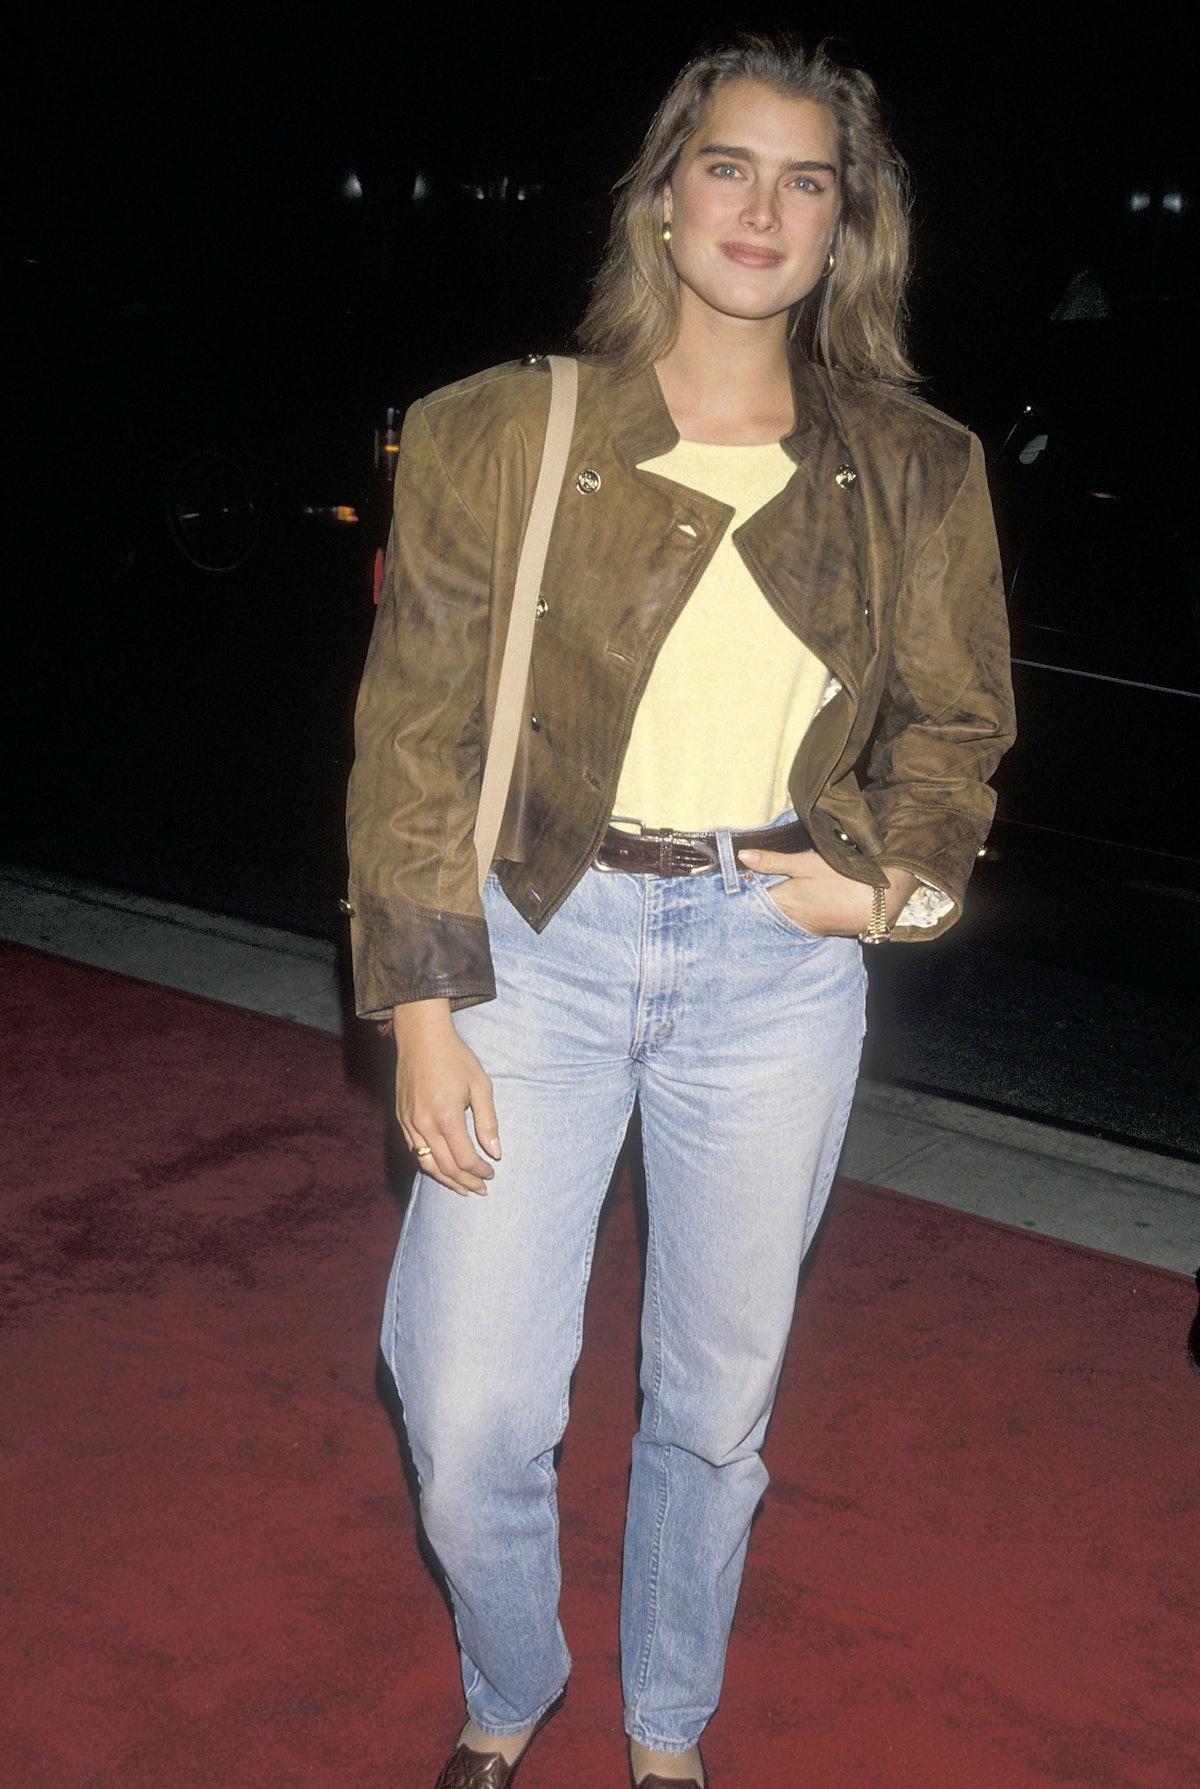 Brooke Shields wearing jeans in the 90s.